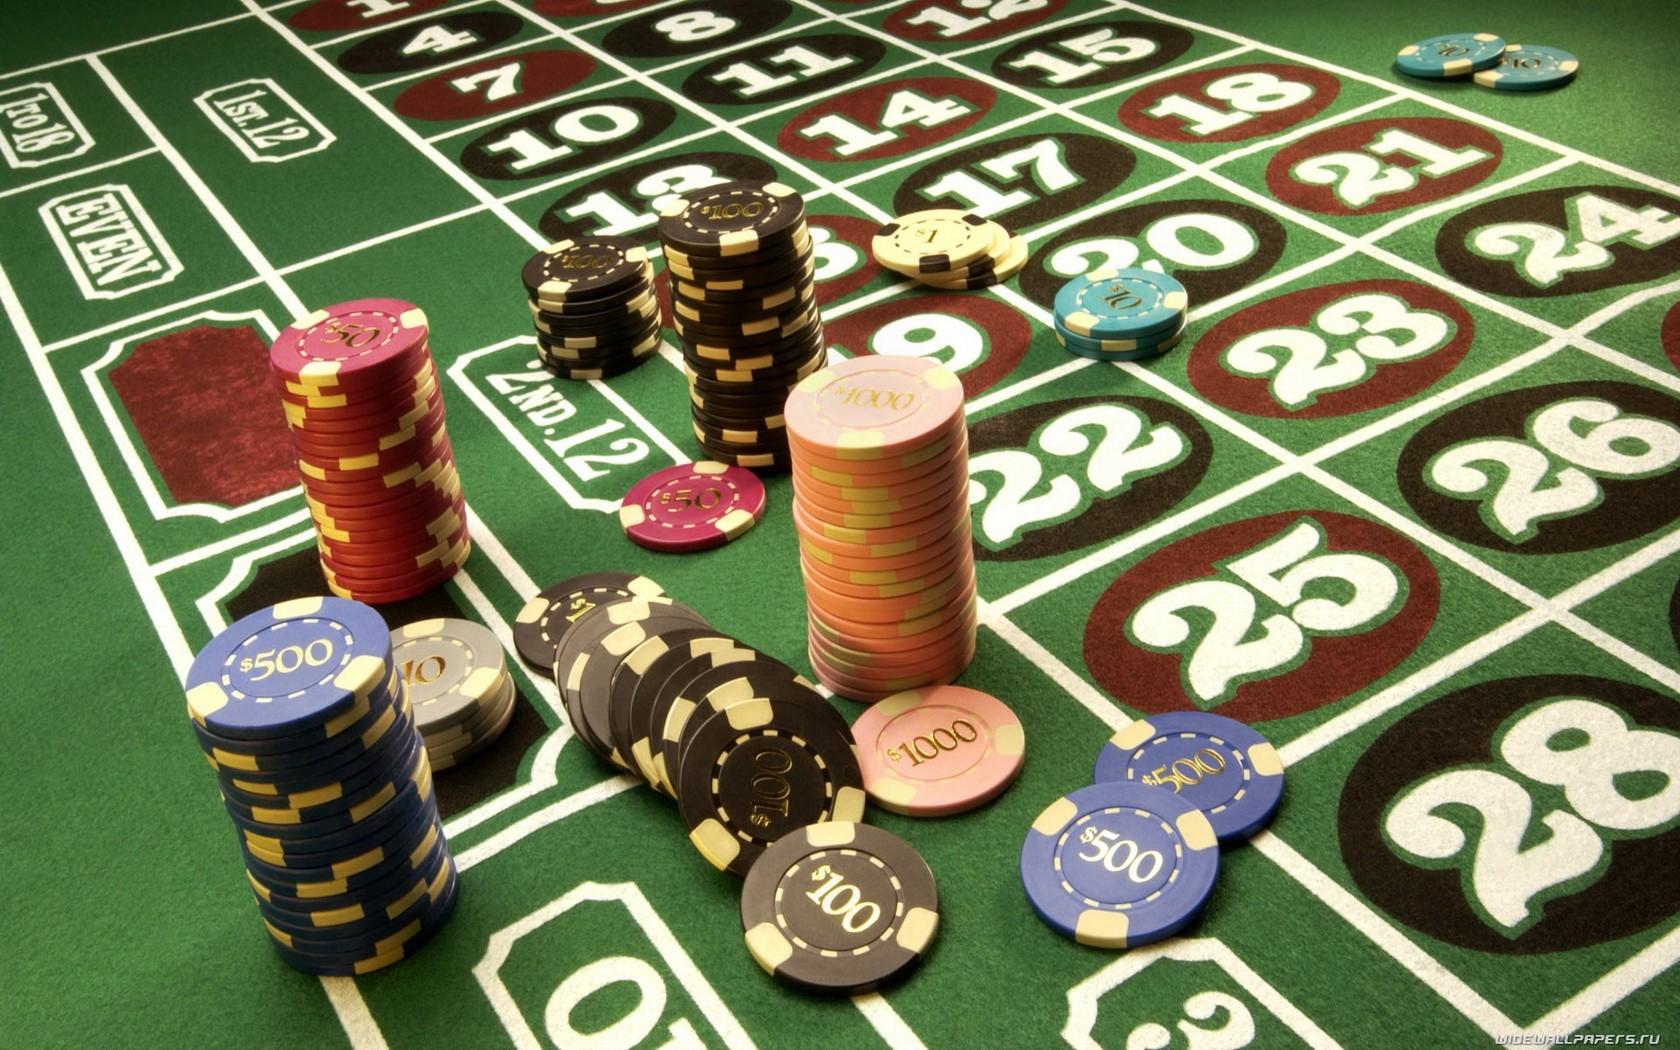 Створити онлайн-казино правила розіграшу готівку в казино